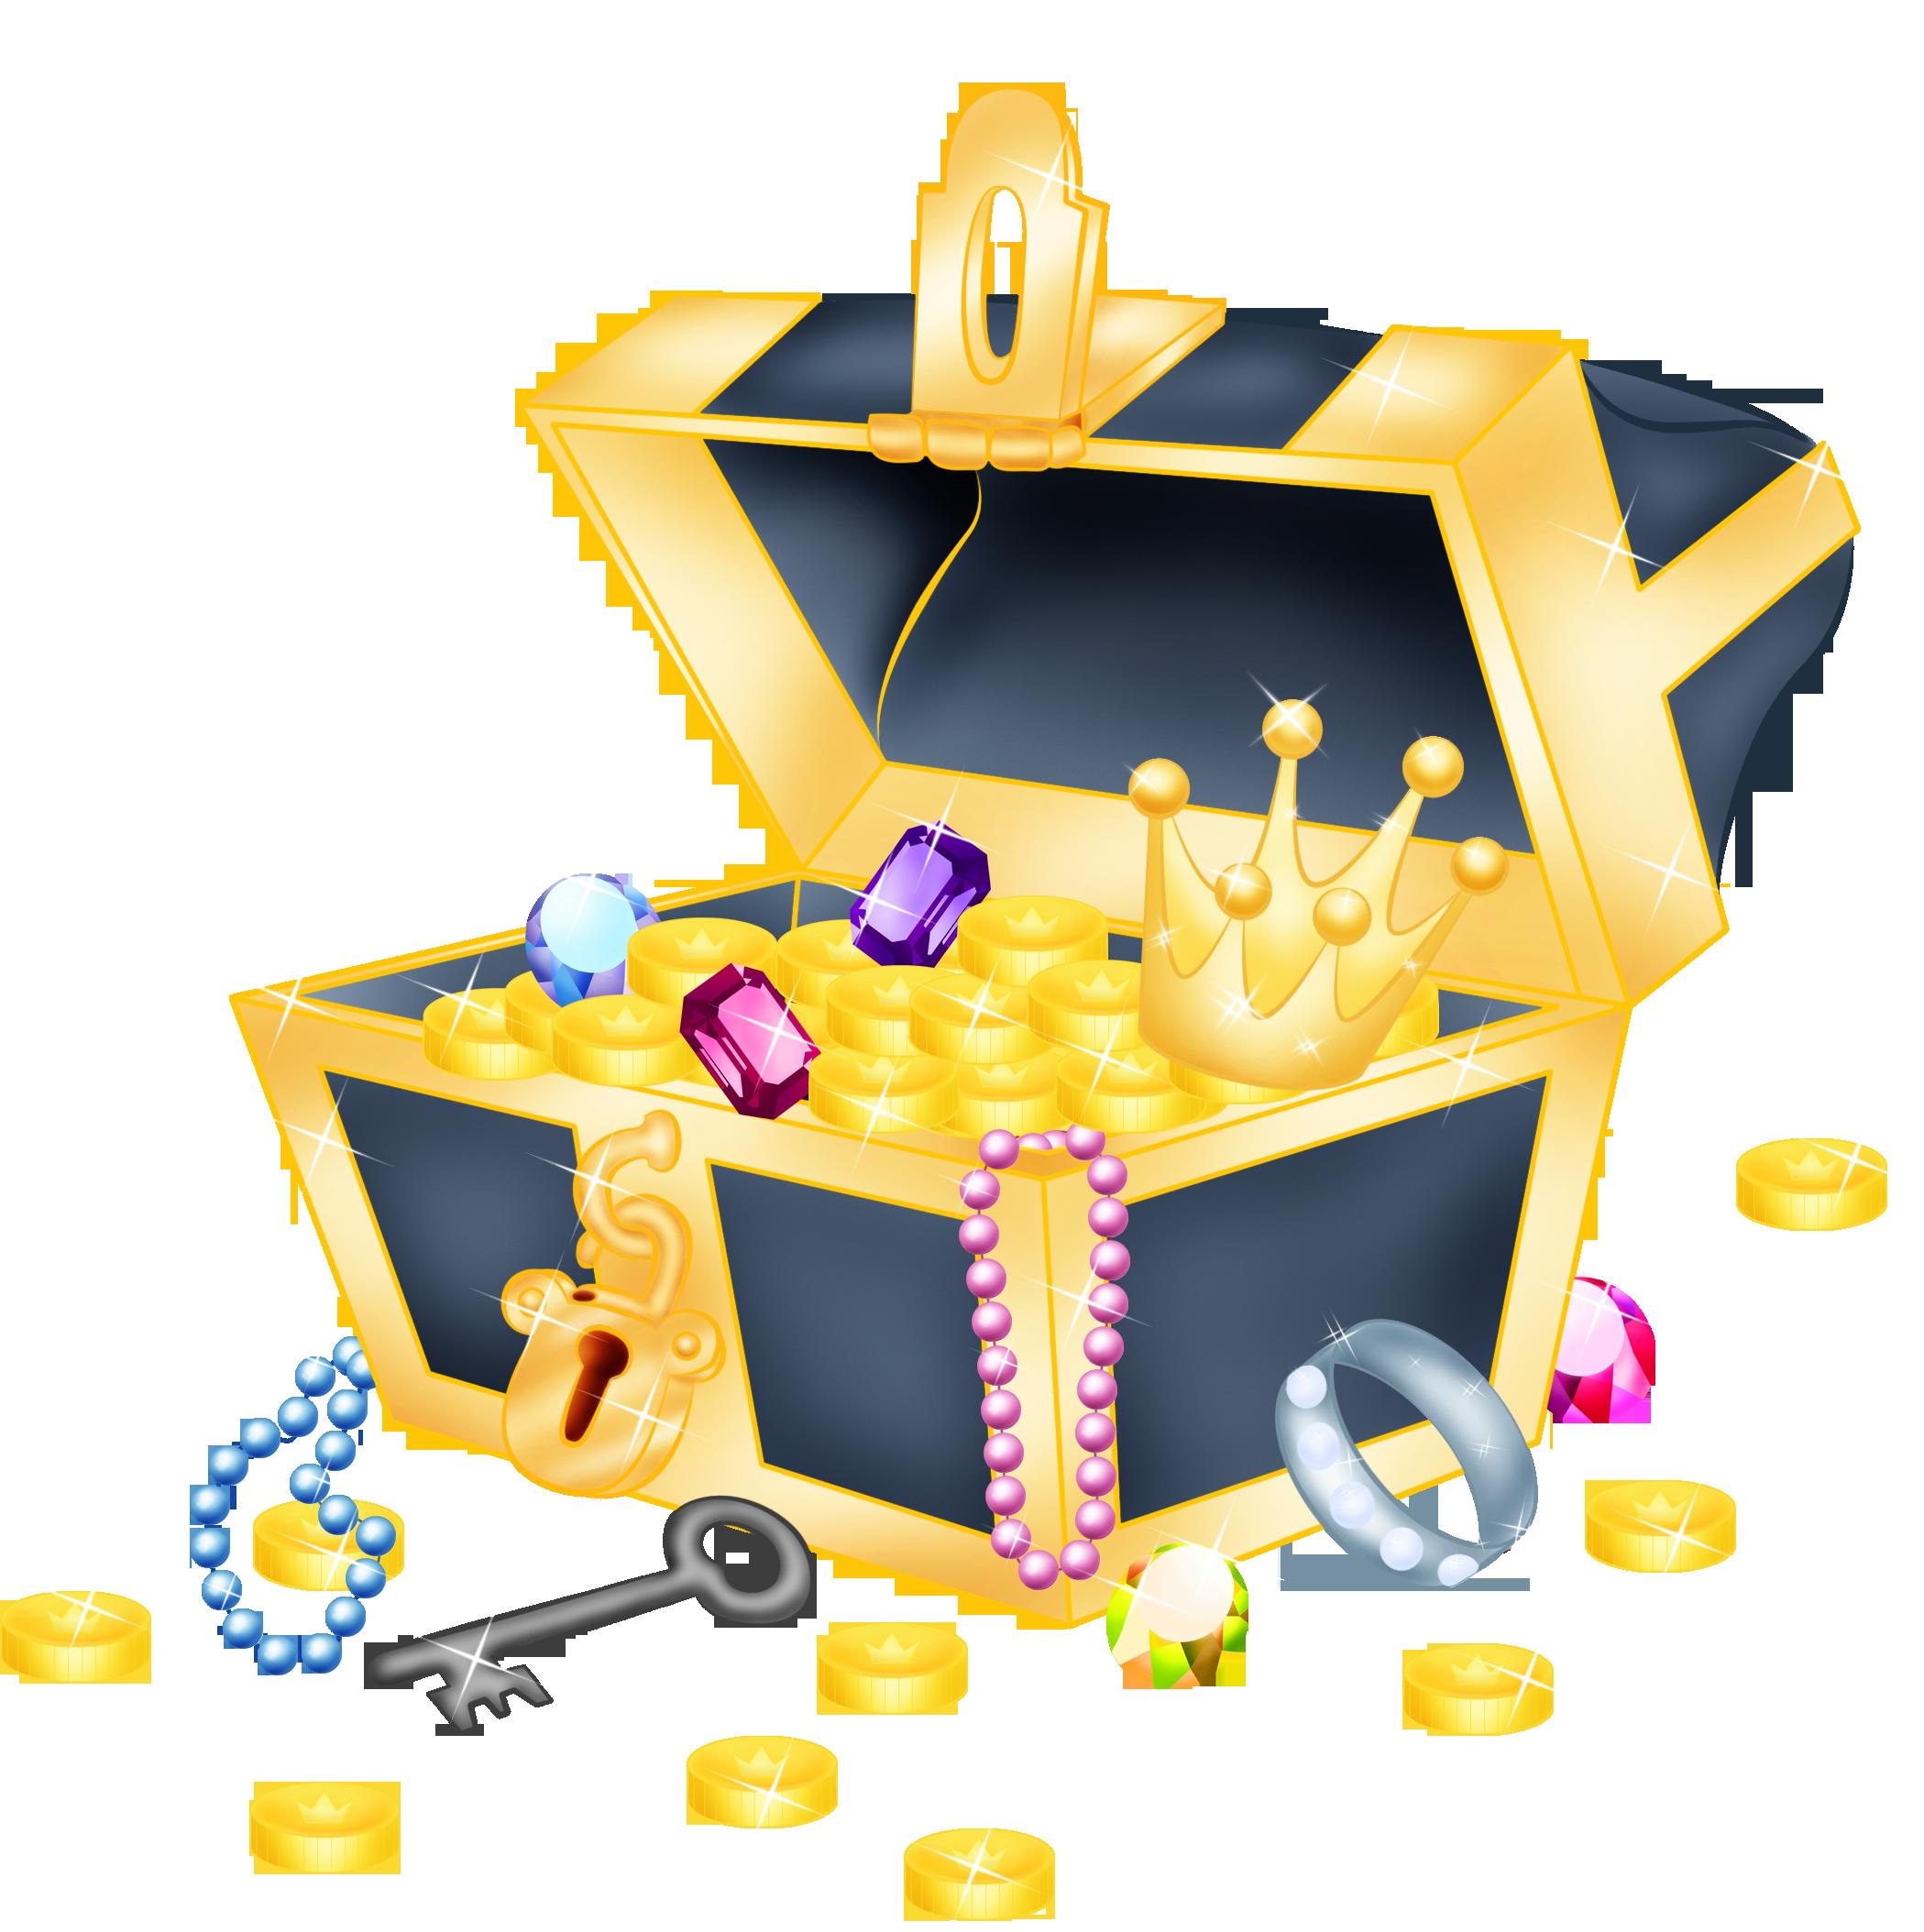 Картинка с сокровищами, днем рождения